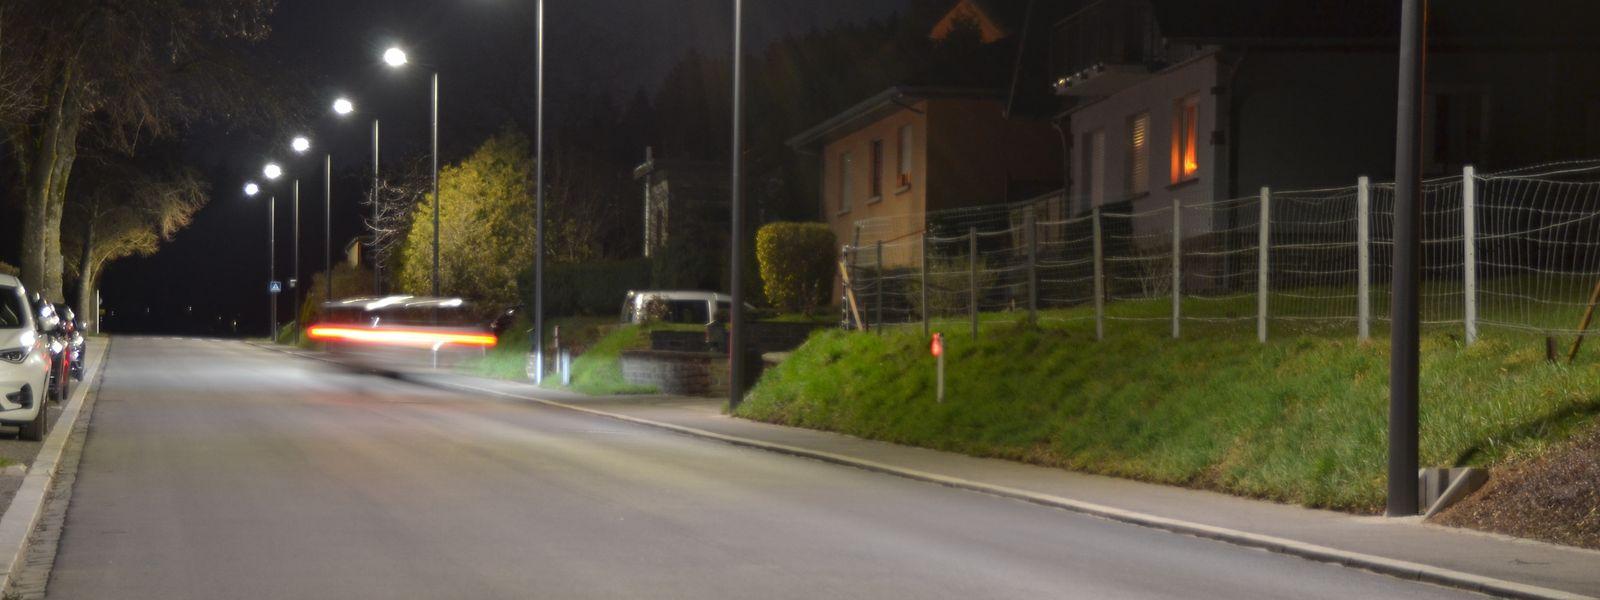 Cette rue de Grosbous a été équipée d'un éclairage continu mais à faible luminosité. Un premier pas vers un éclairage plus respectueux de l'environnement.